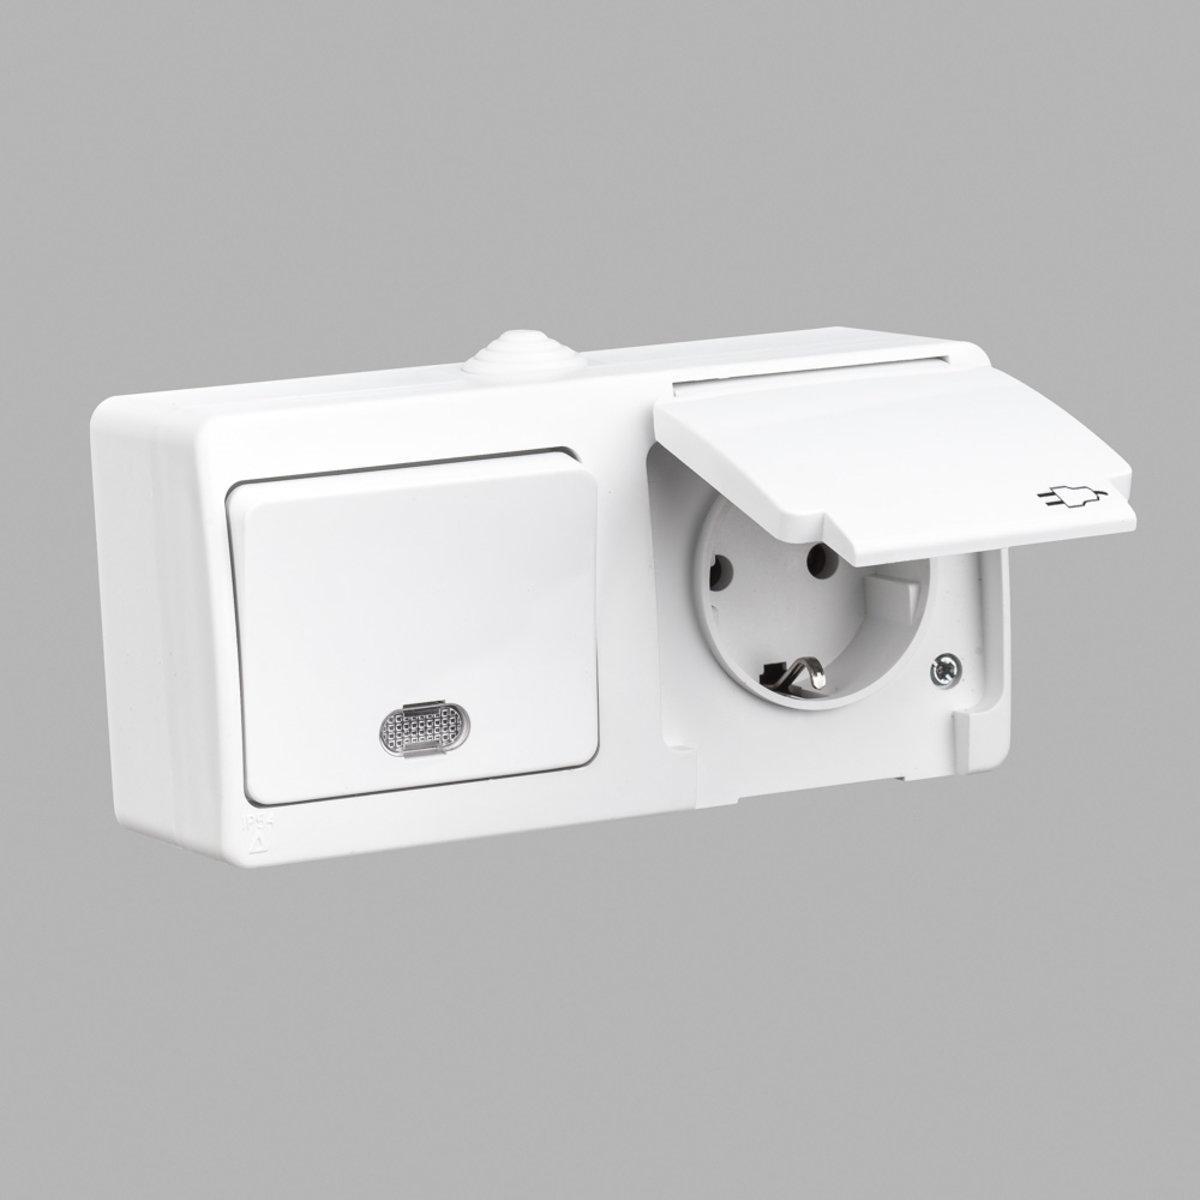 Nemli блок выключатель 1-ый с подсветкой + розетка с заземлением влагозащищенный белый